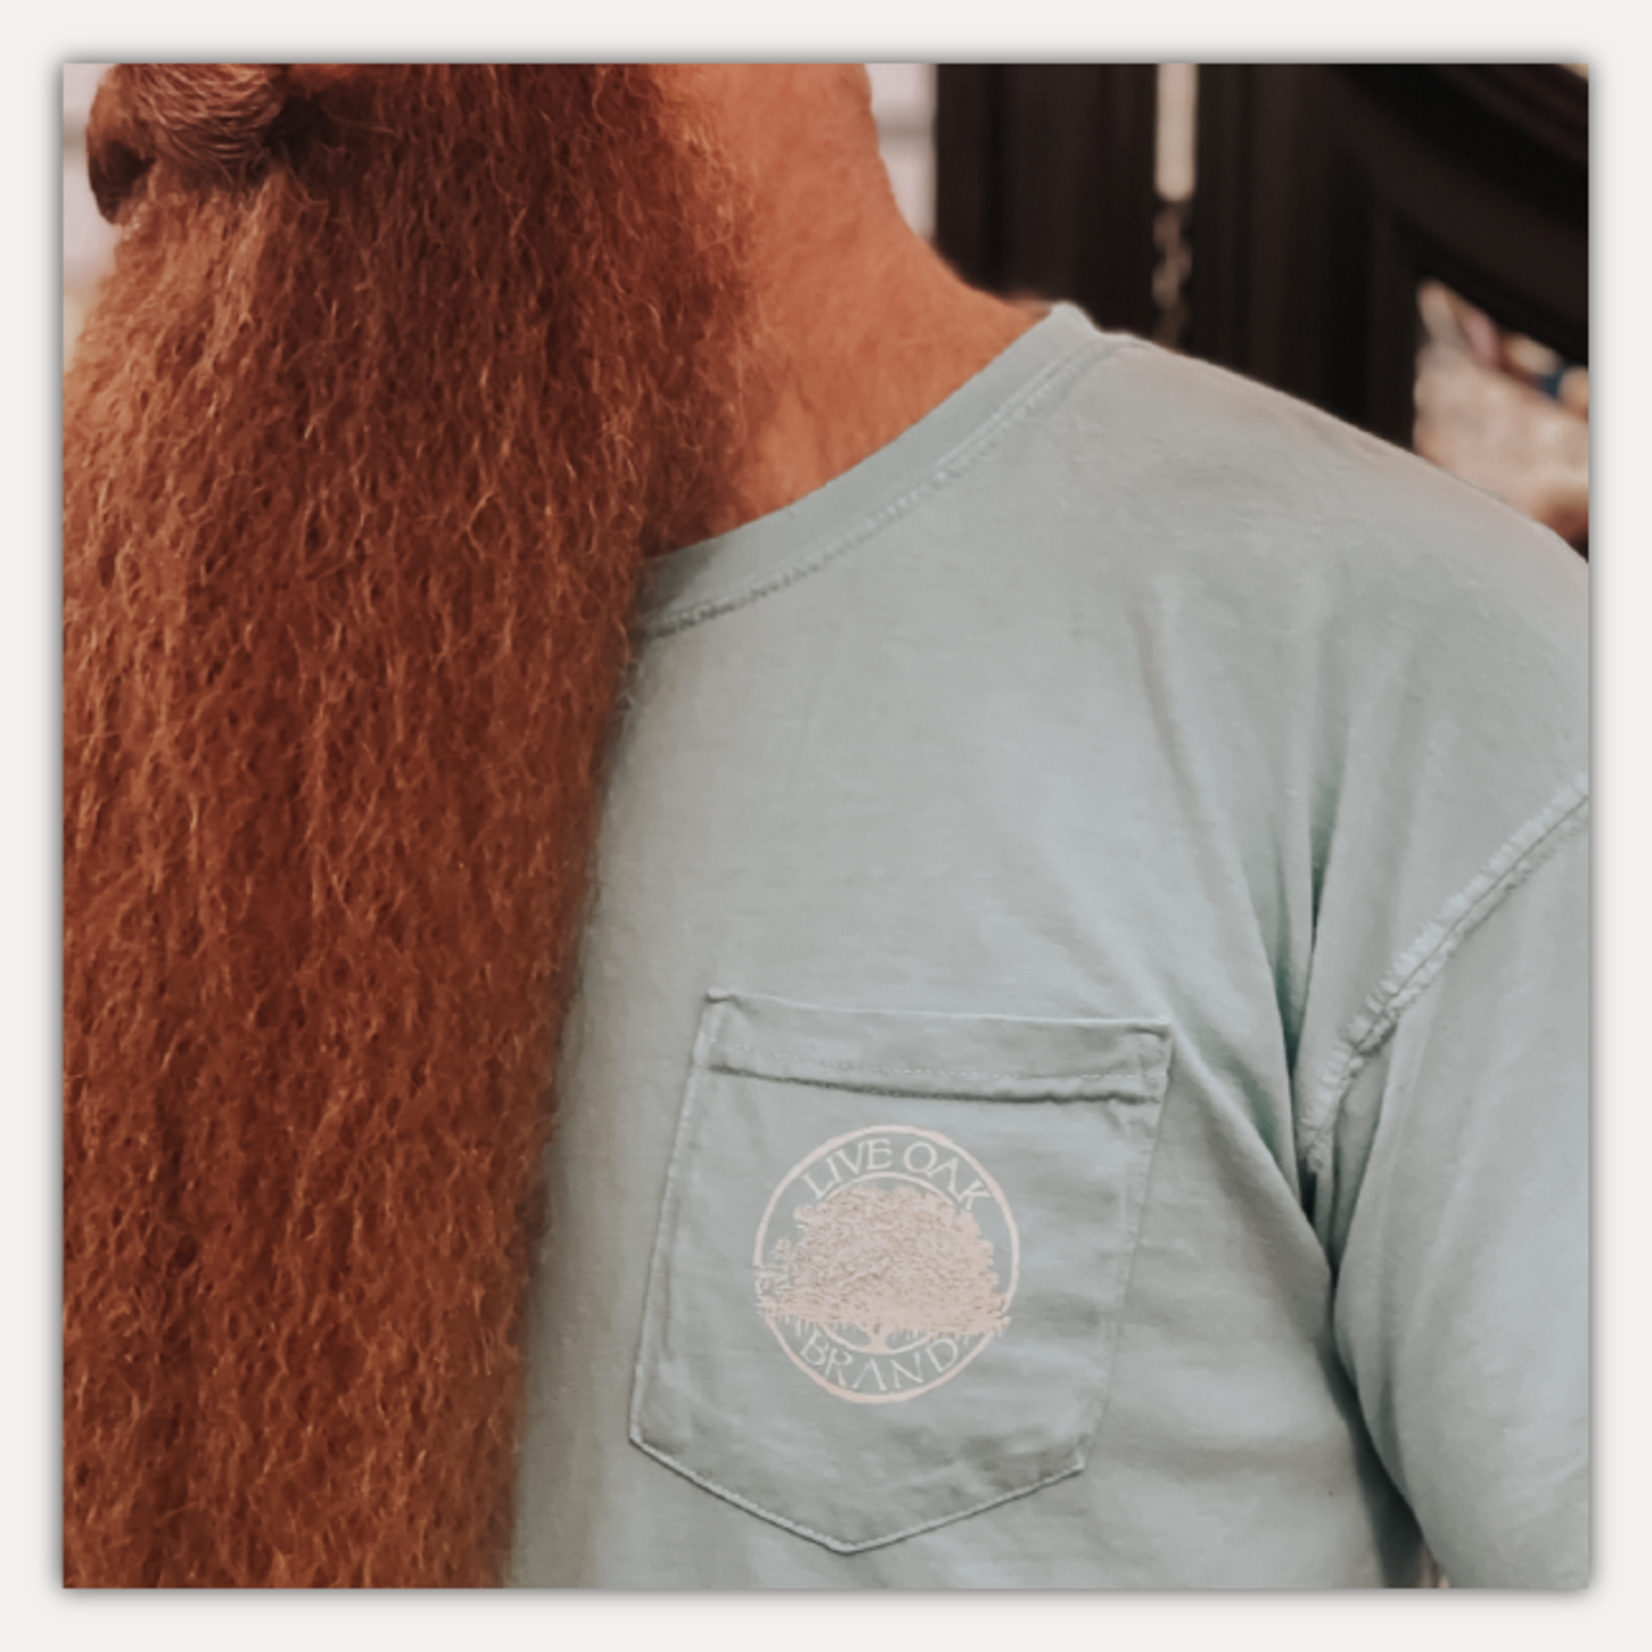 Live Oak Grille T-shirt